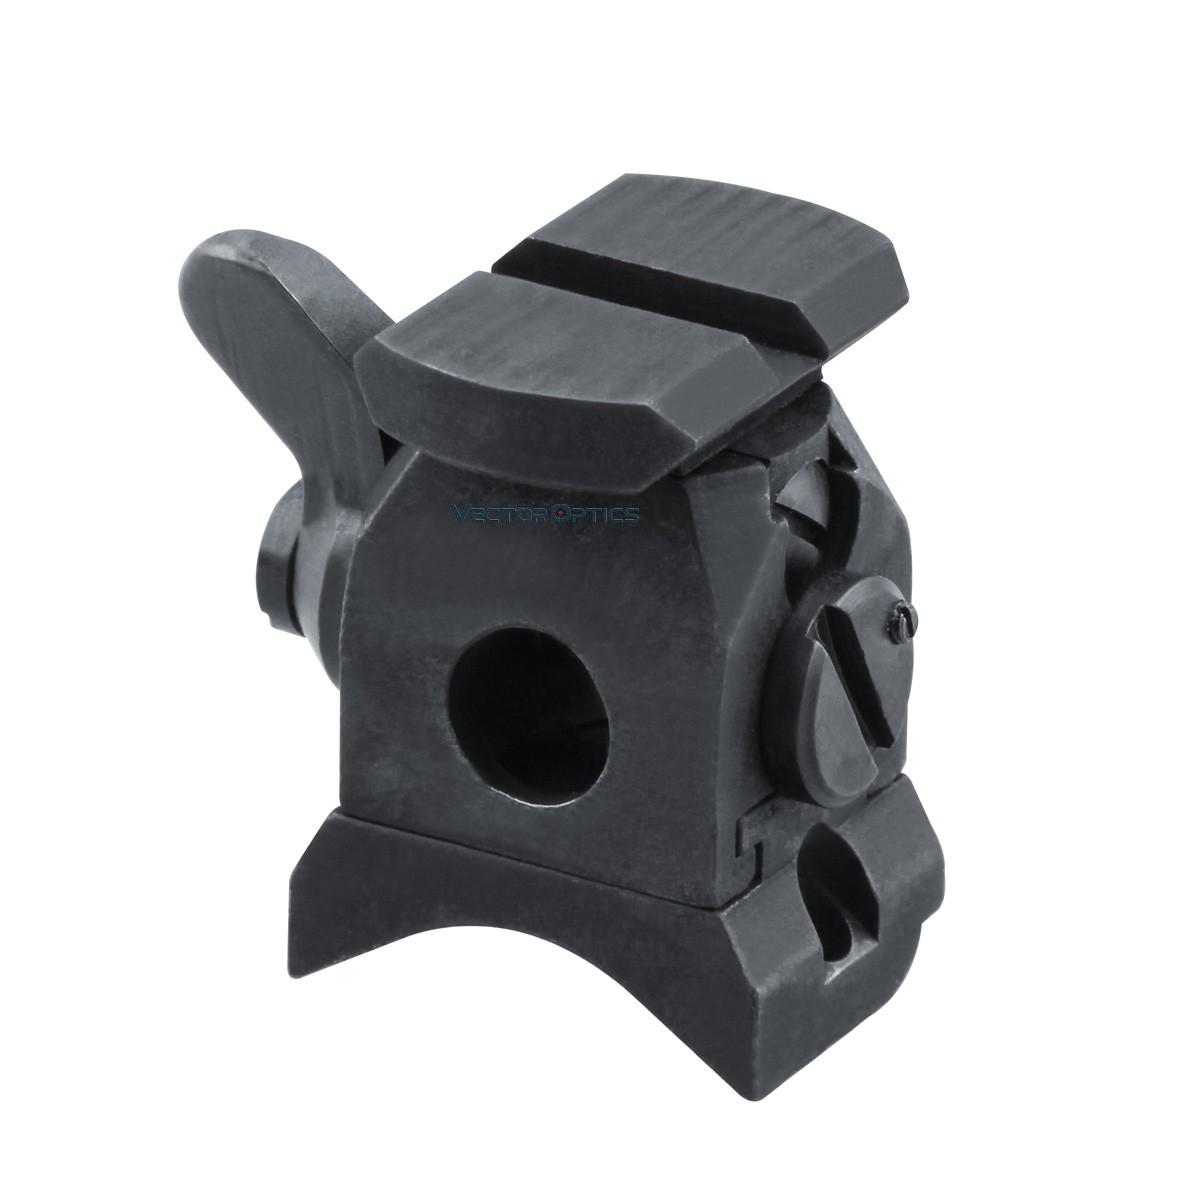 Suporte de aço com trilho ZIELFERNROHR KARABINER 98K K98 Vector Optics